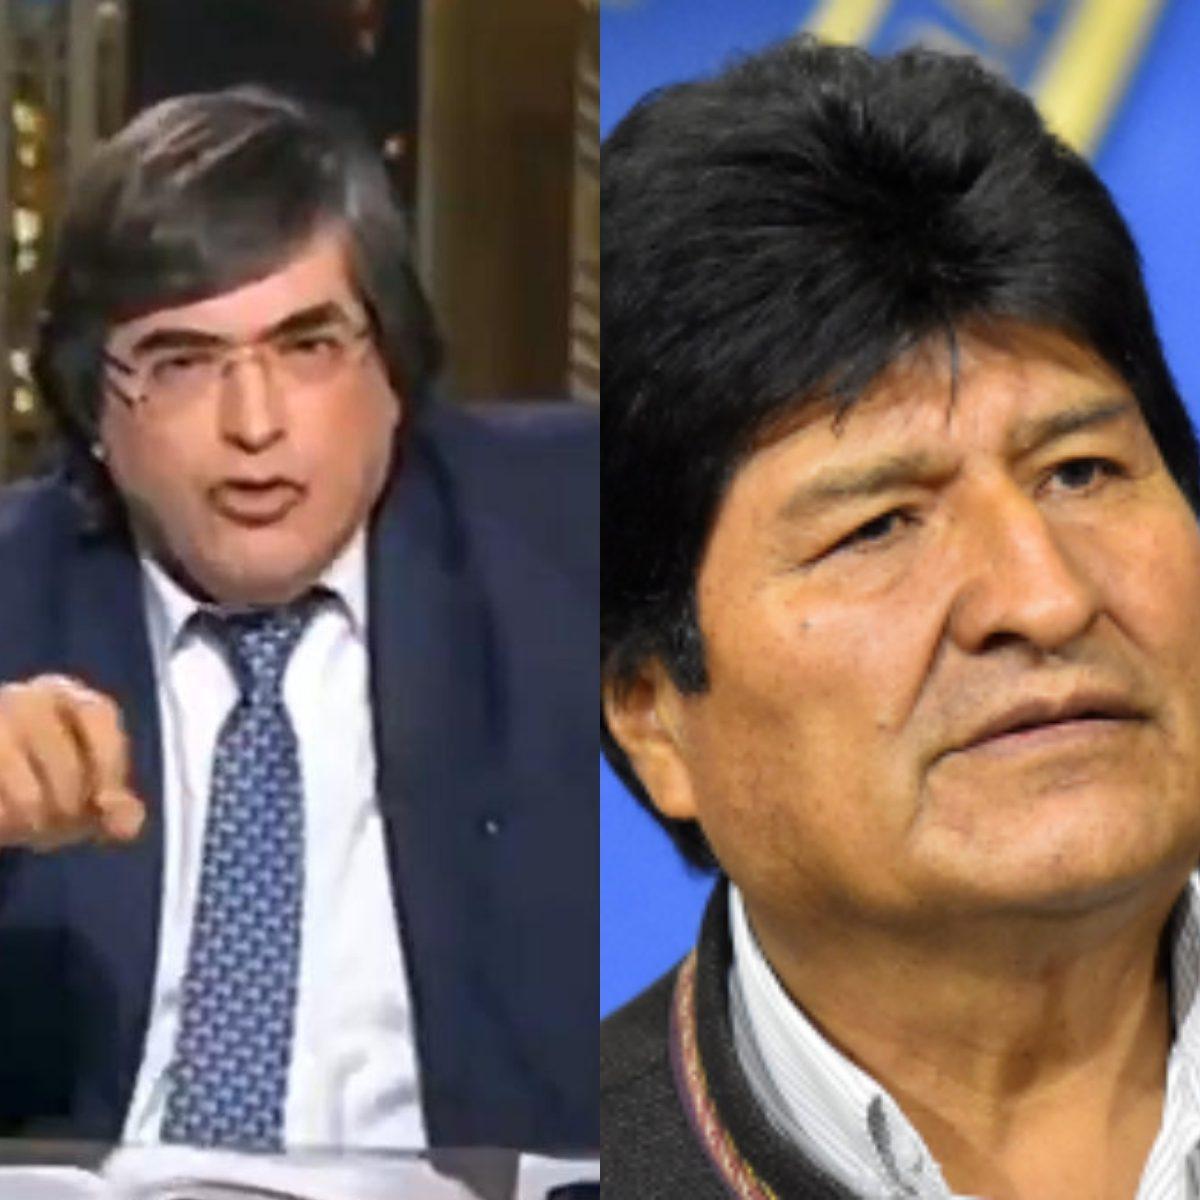 Jaime Bayly Nacionalidad / El exportero francisco 'paco' bazán insinuó que el periodista habría quedado prendado del atractivo físico del hoy entrenador de fútbol.